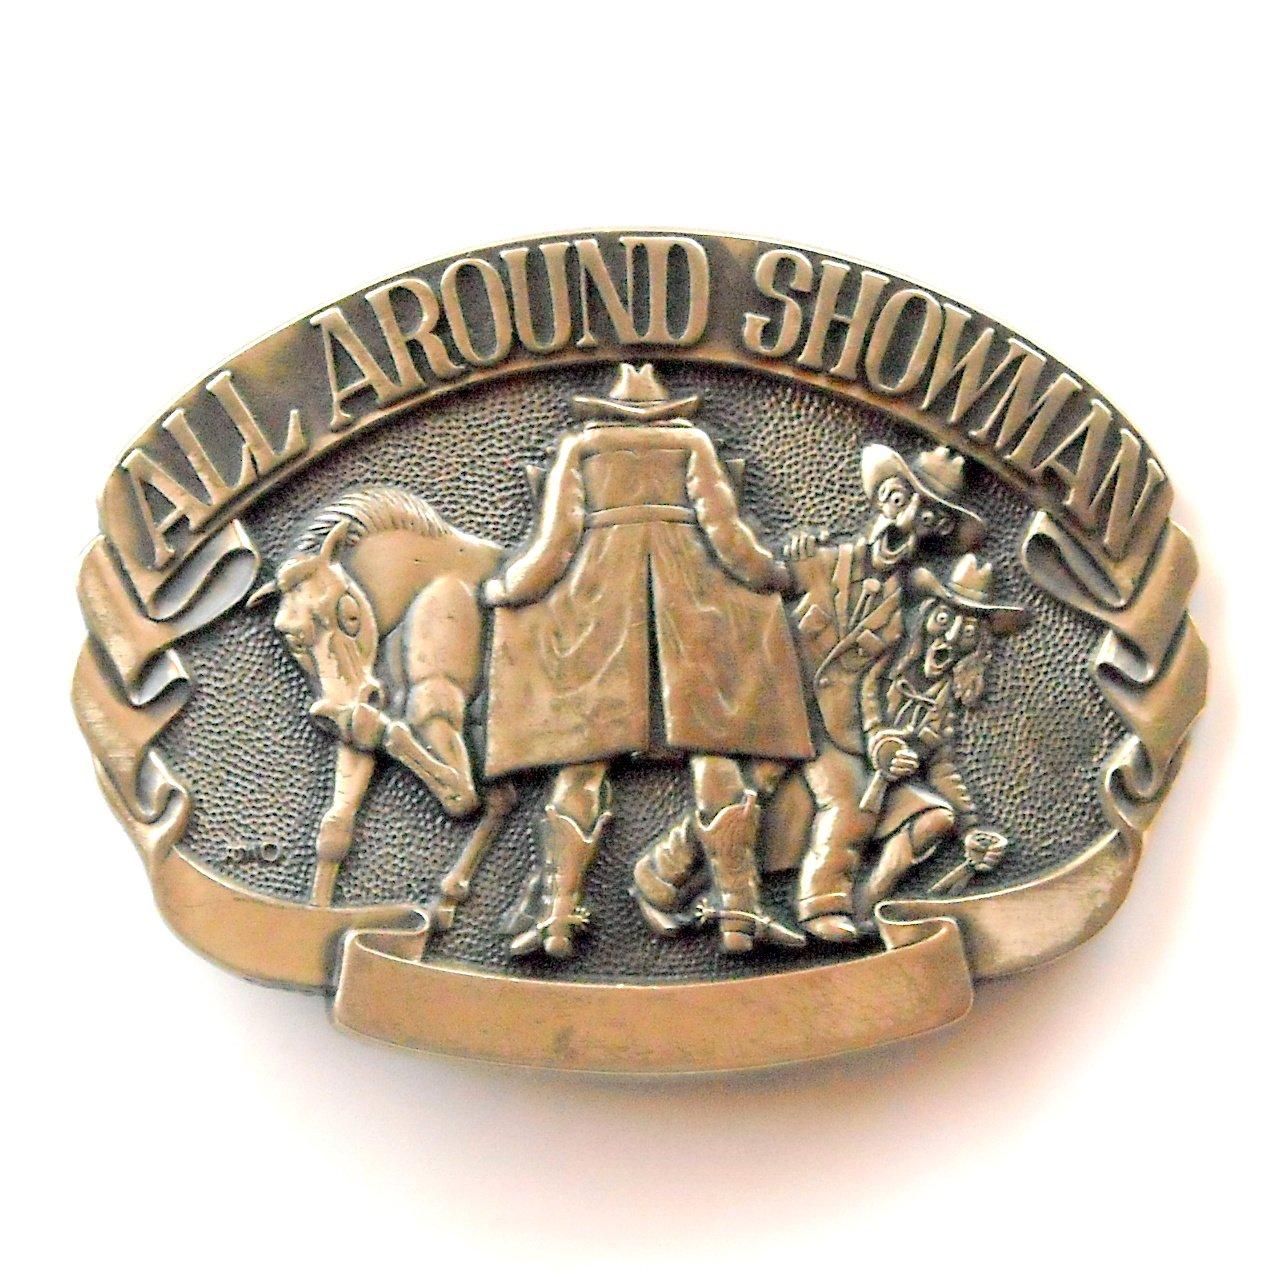 Showman Cowboy Vintage Award Design Solid Brass Belt Buckle